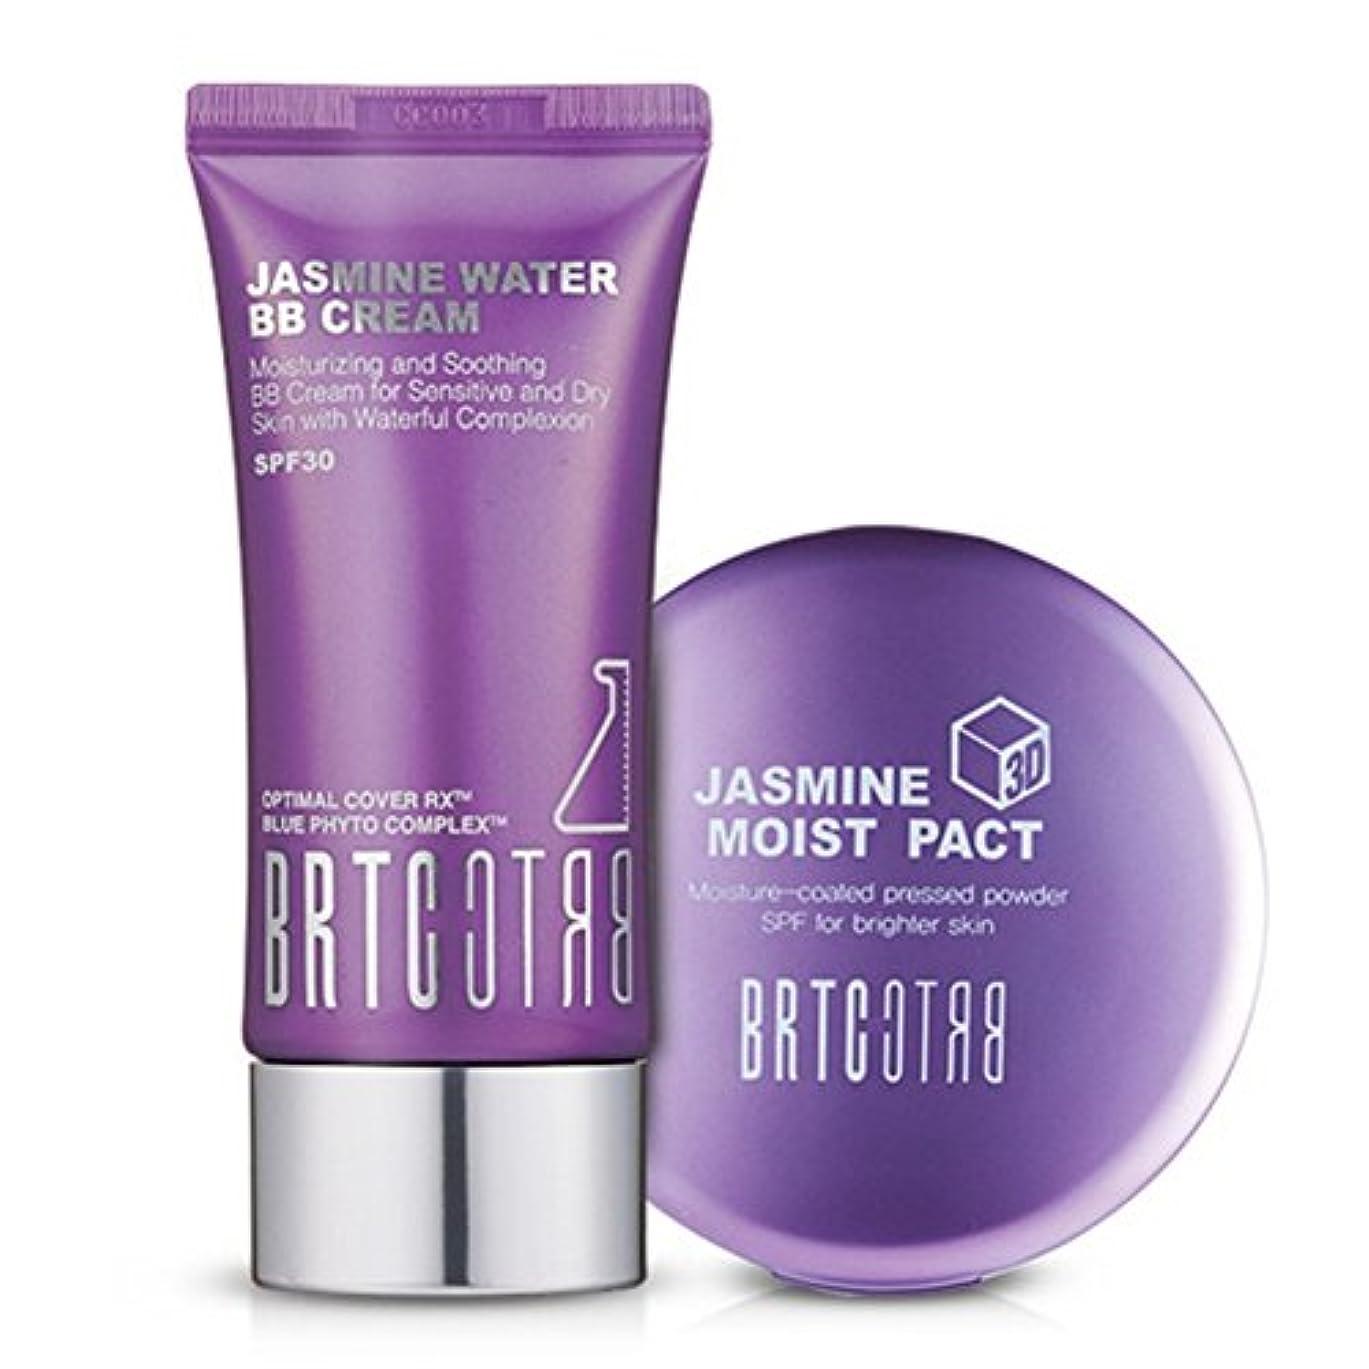 延ばすミルク解説【BRTC/非アルティ時】Whitening&Moisture Make Up Set ジャスミンビビファクトセット [BB Cream+ Moist Pact Set](海外直送品)